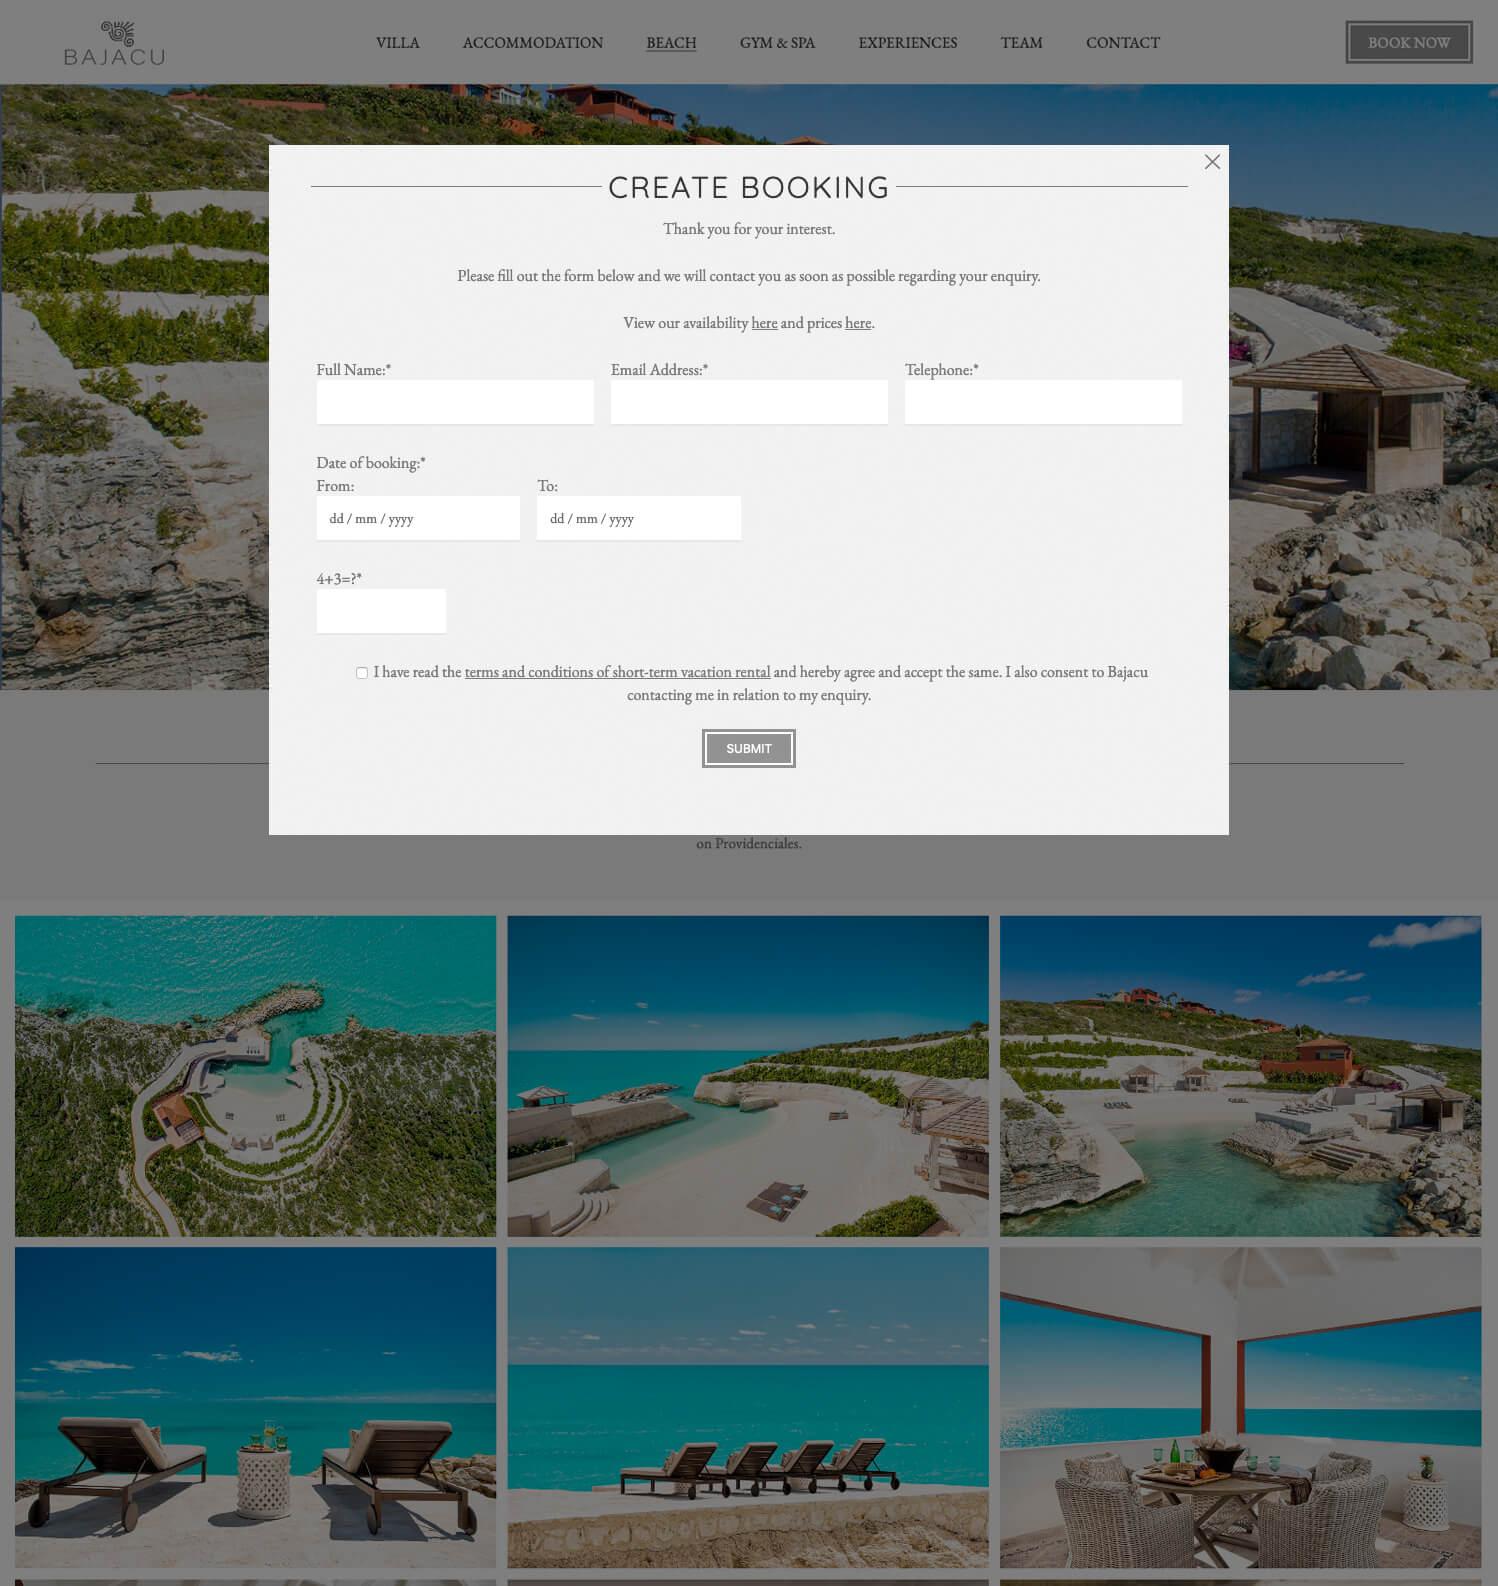 Bajacu booking form